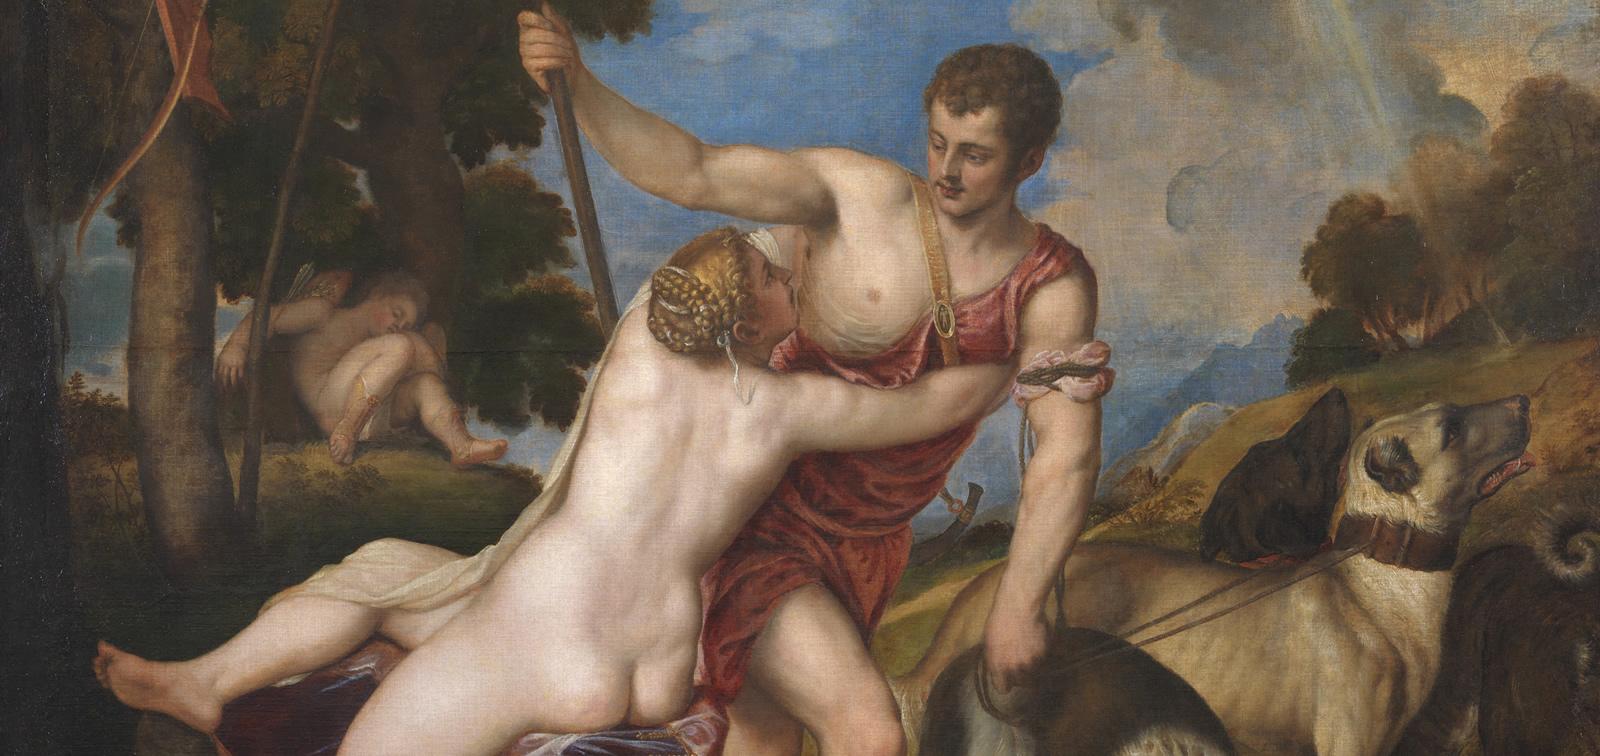 Tiziano: Dánae, Venus y Adonis. Las primeras poesías